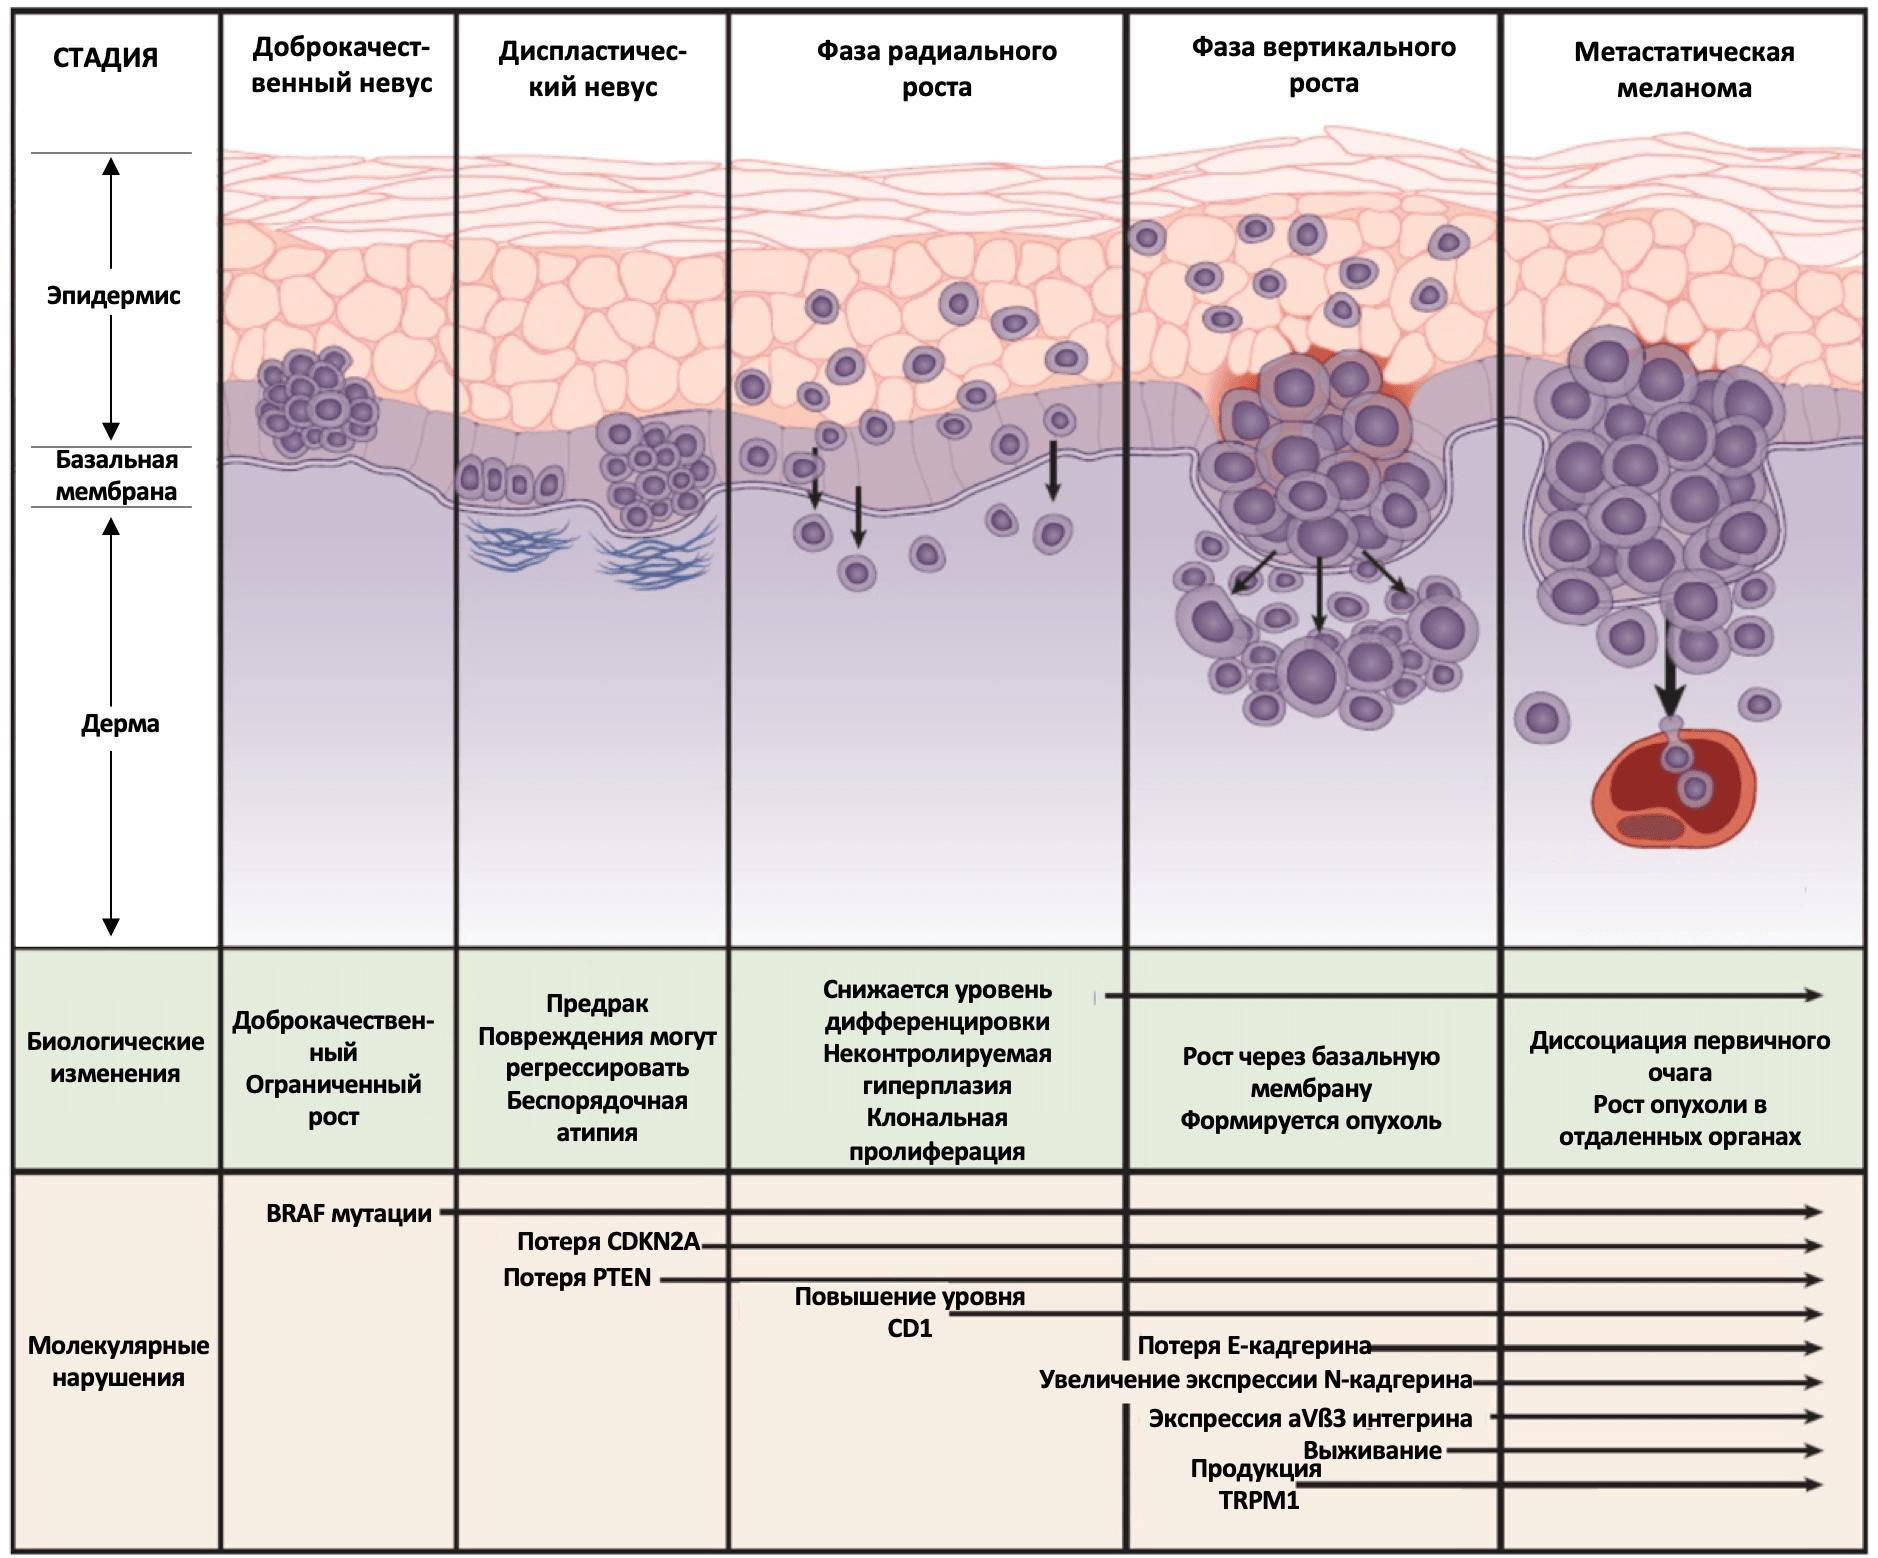 Биологические изменения и молекулярные нарушения при развитии меланомы кожи